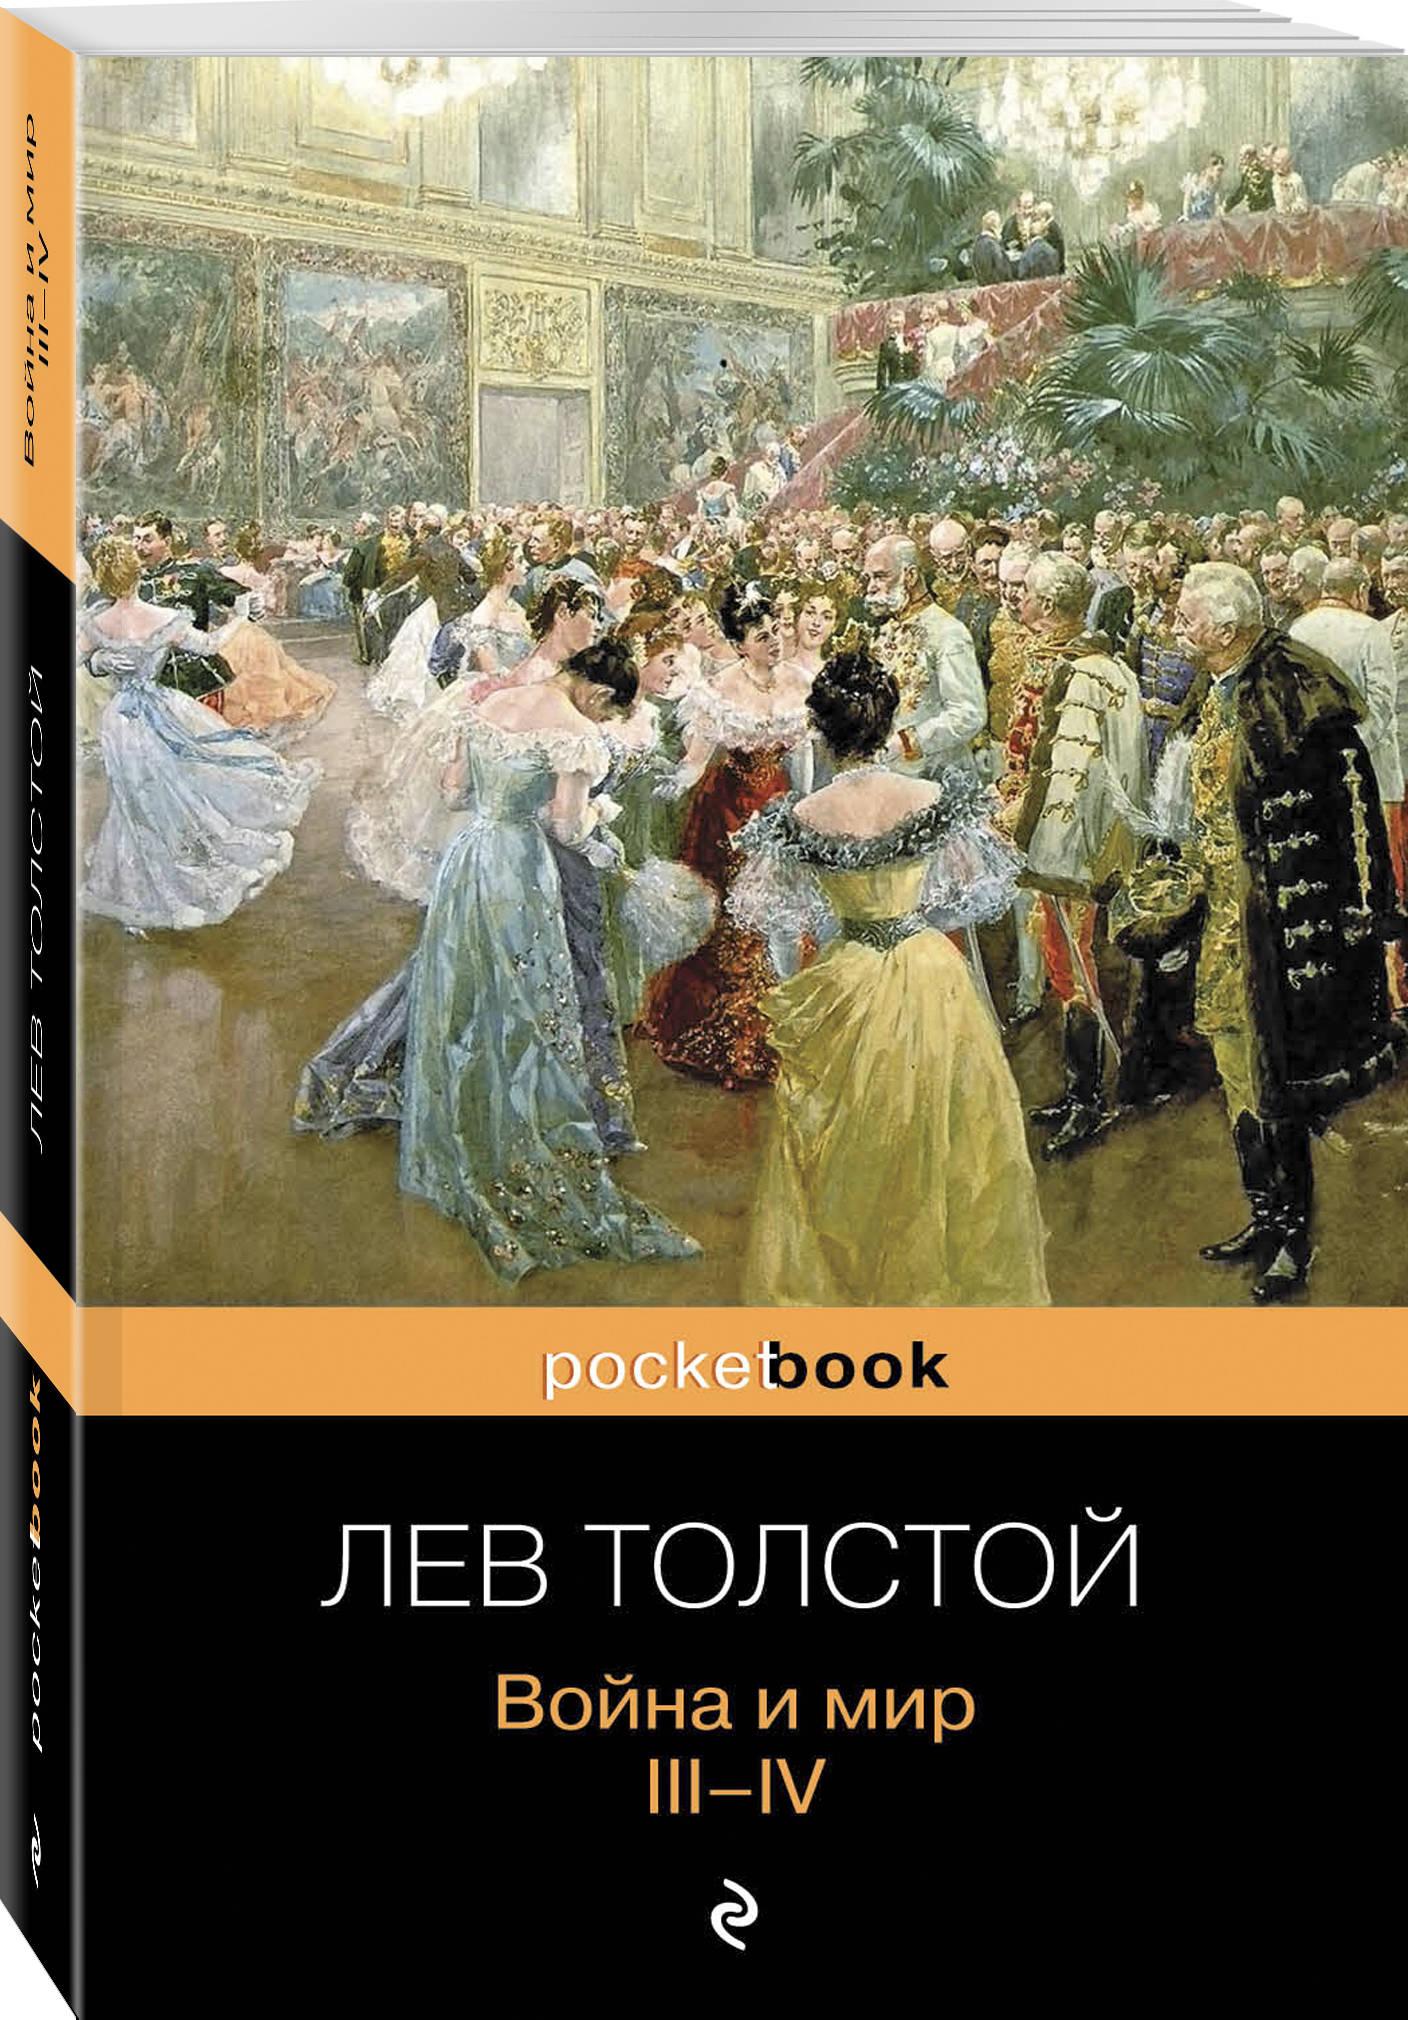 Толстой Лев Николаевич. Война и мир. III-IV